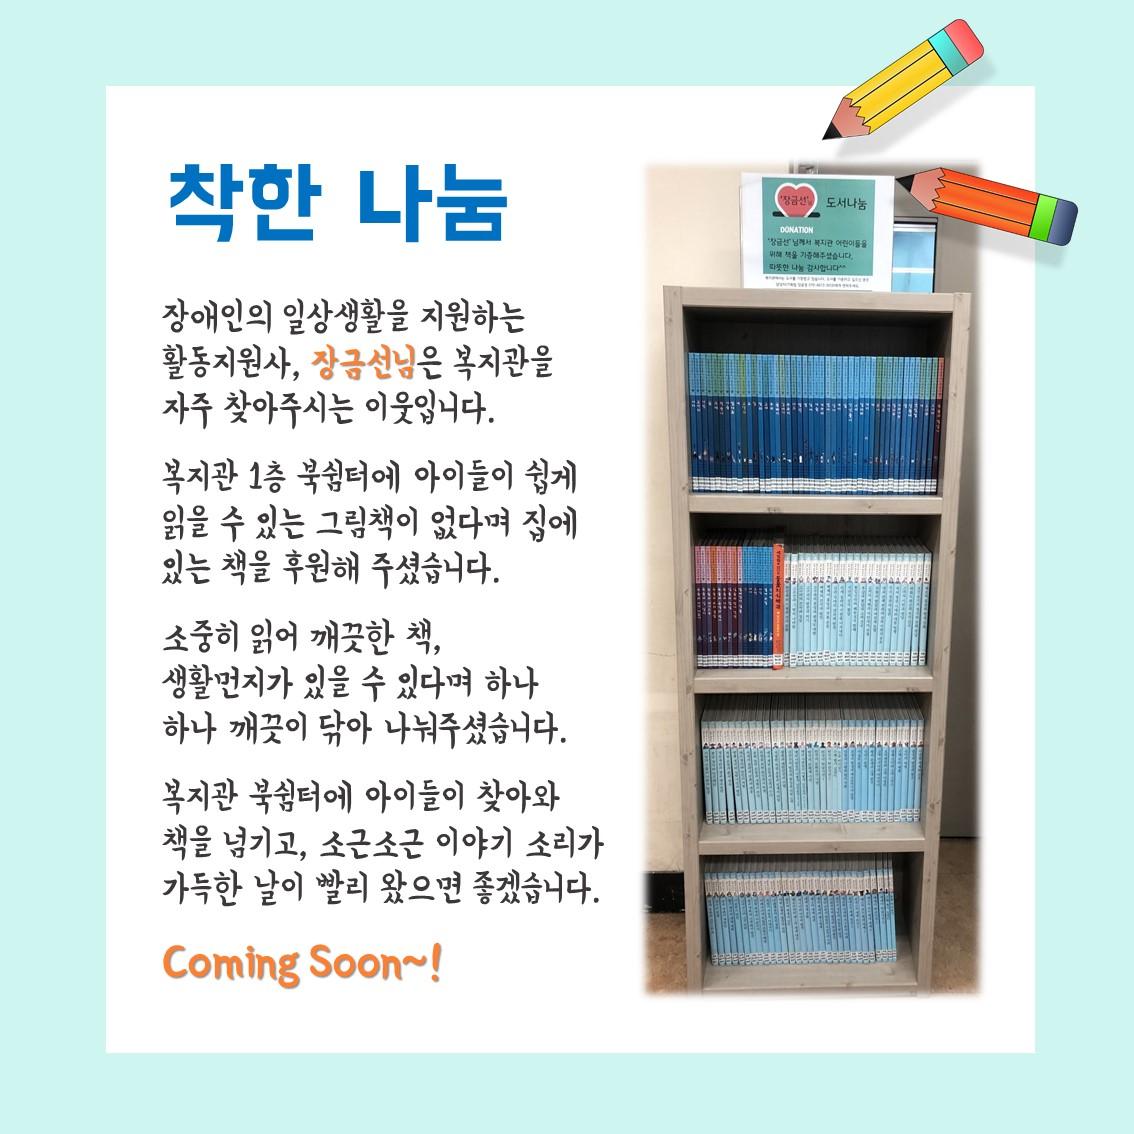 장금선님이 기부해준신 책을 북쉼터에 비치한 모습